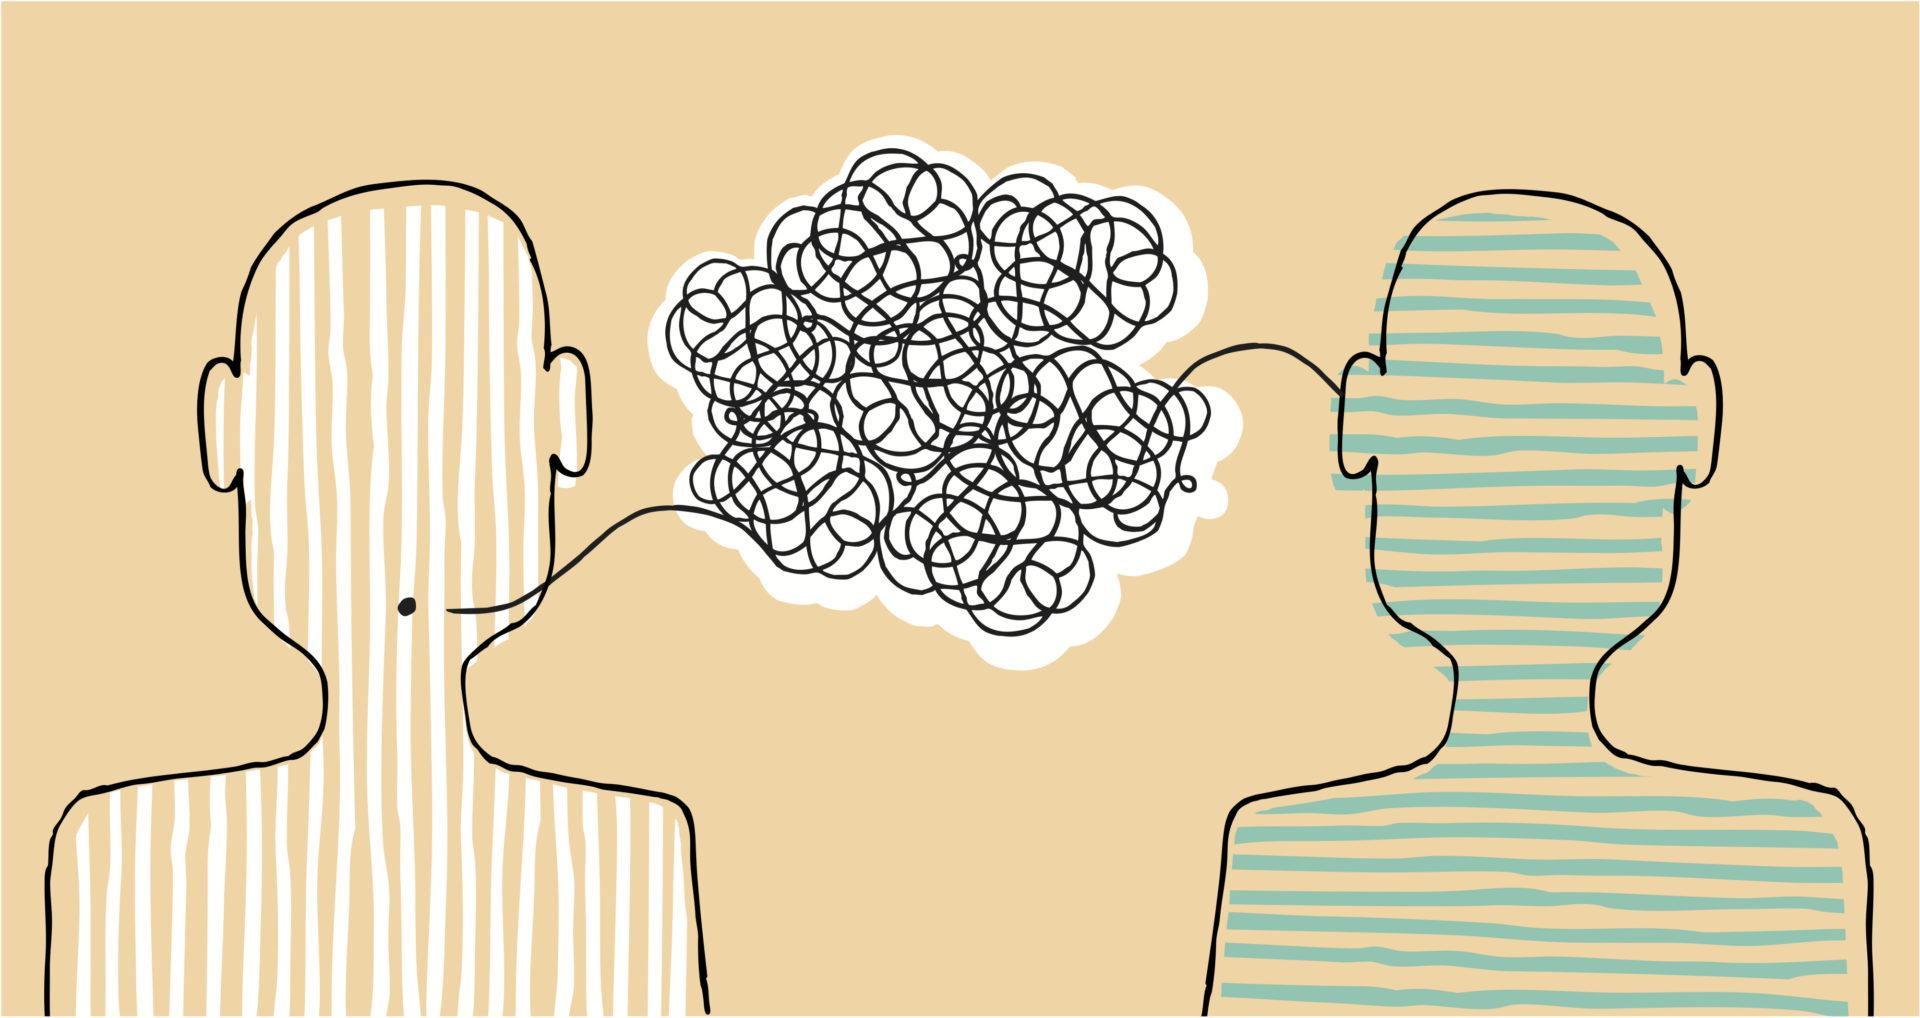 Os 10 Principais Vieses Cognitivos (com exemplos práticos)